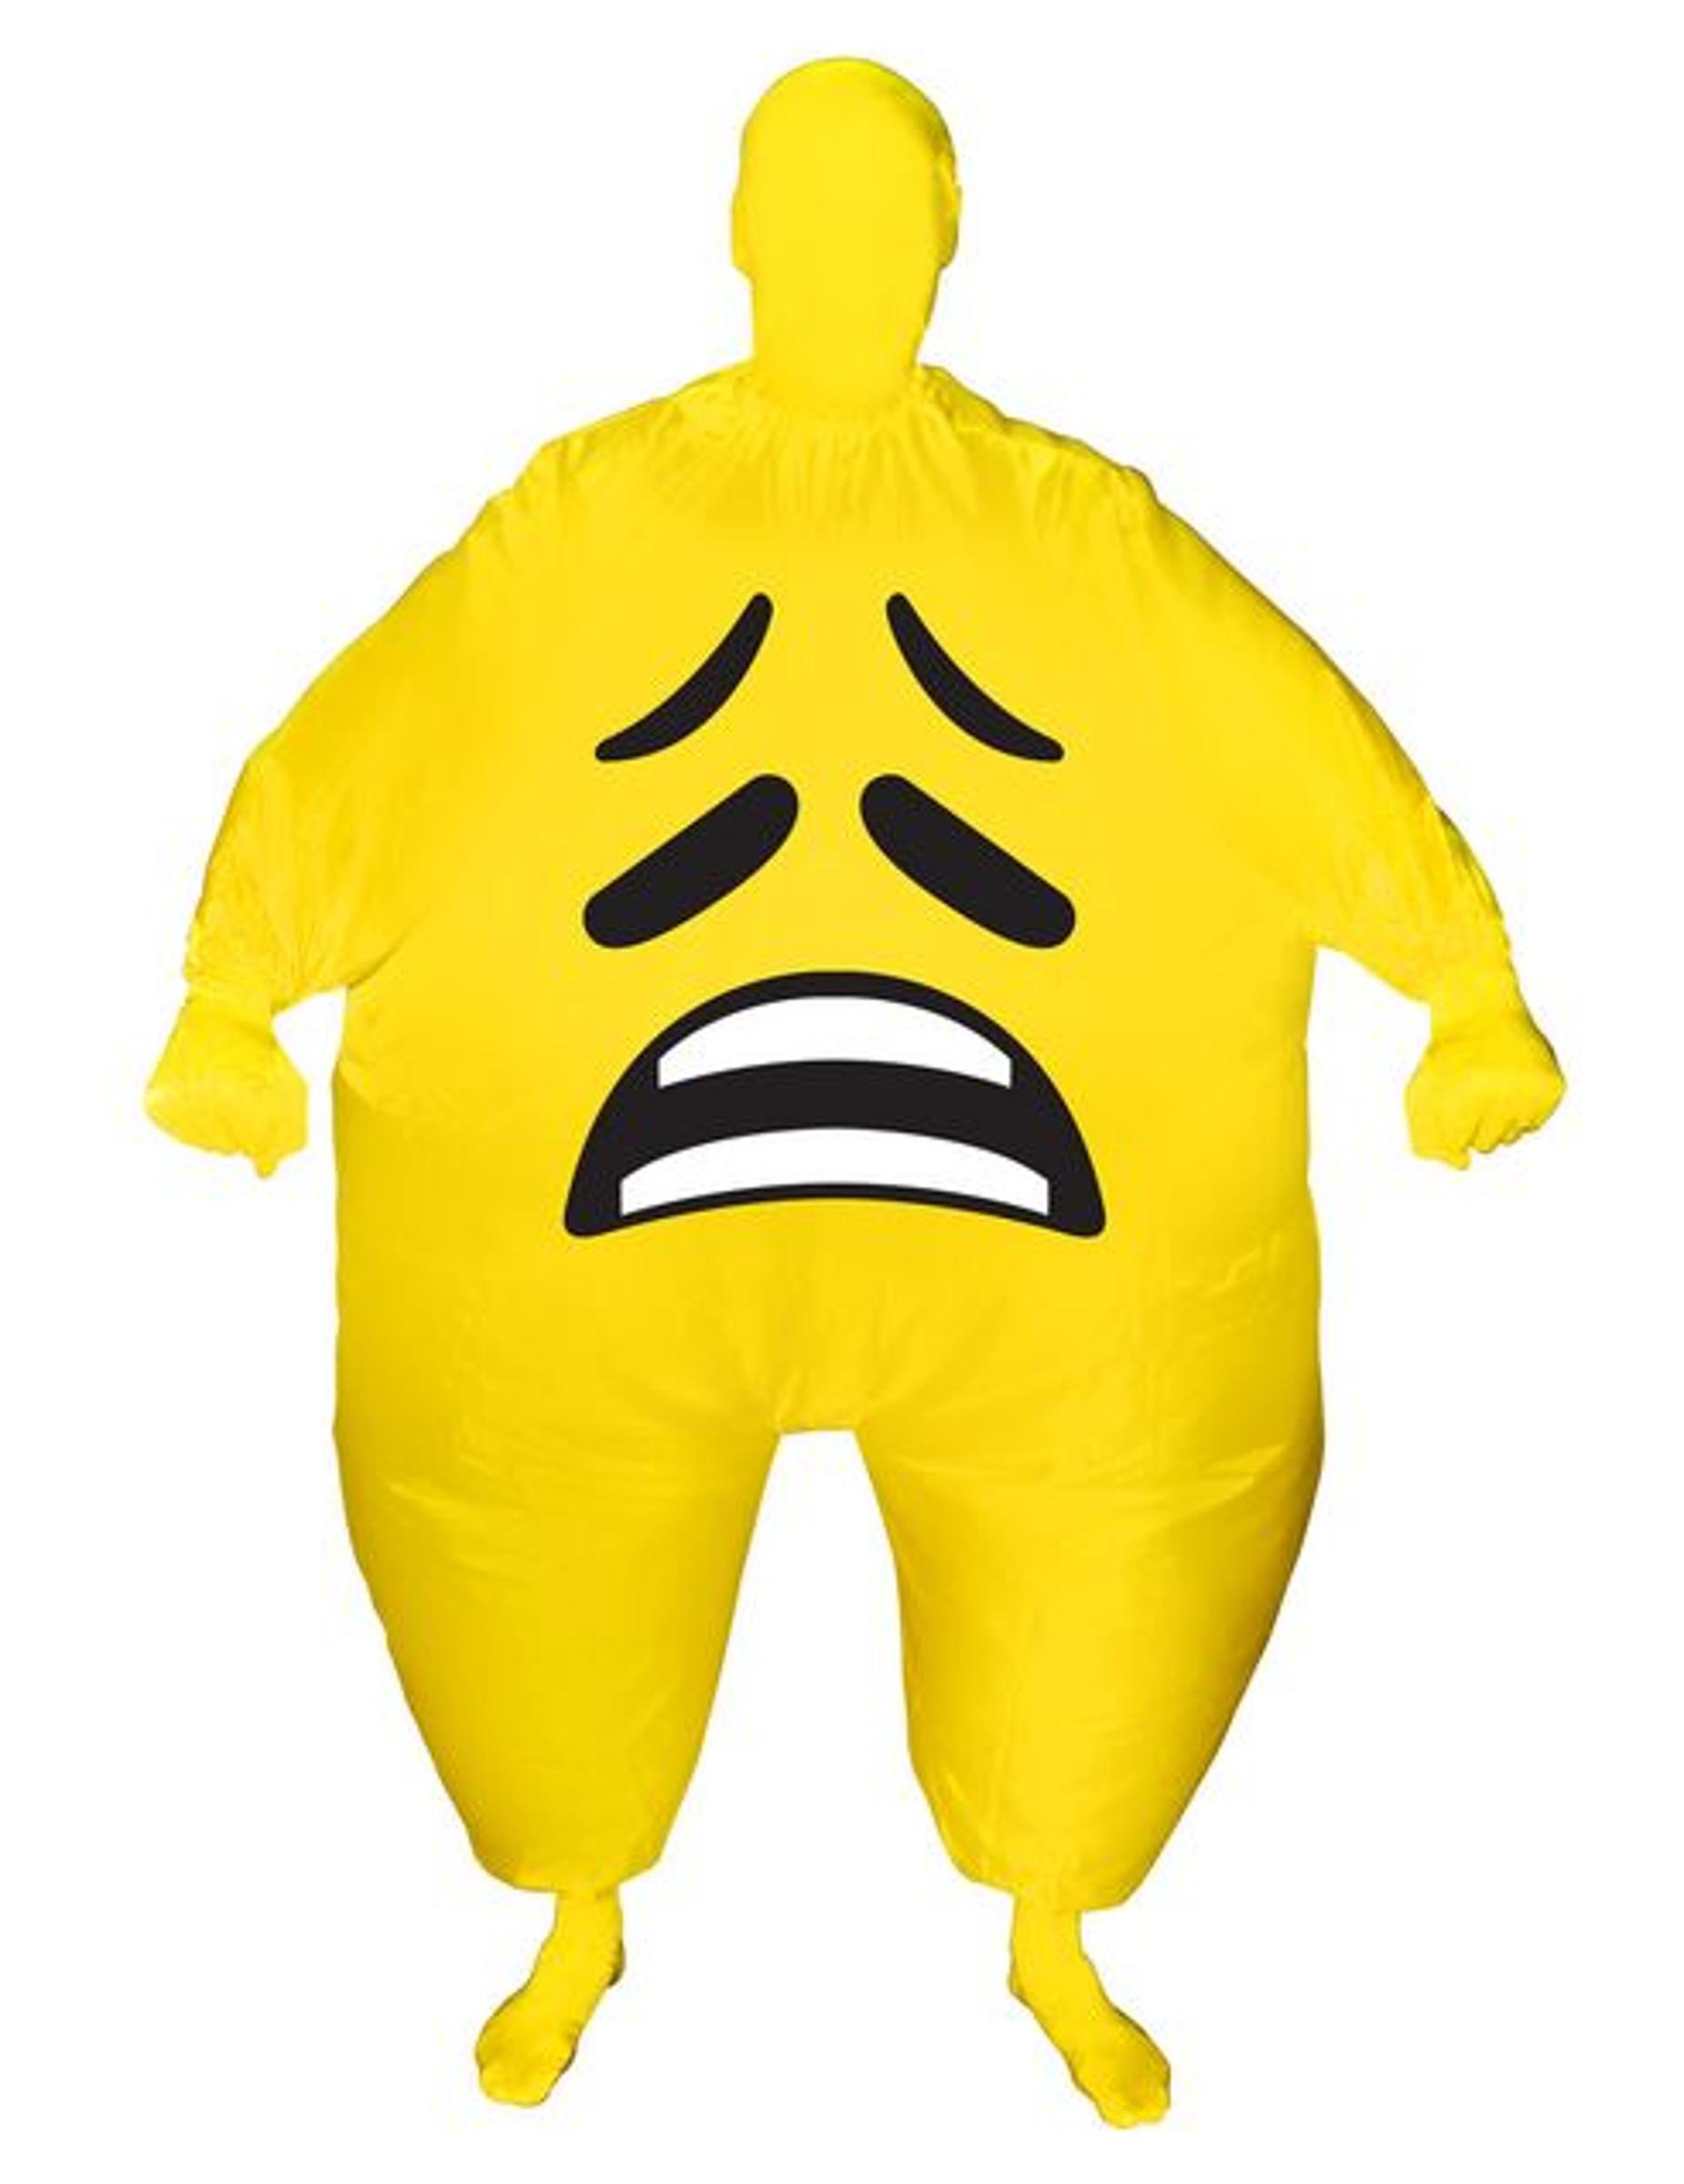 dd2369373d9c Kostume oppusteligt trist ansigt Morphsuits™ til voksne